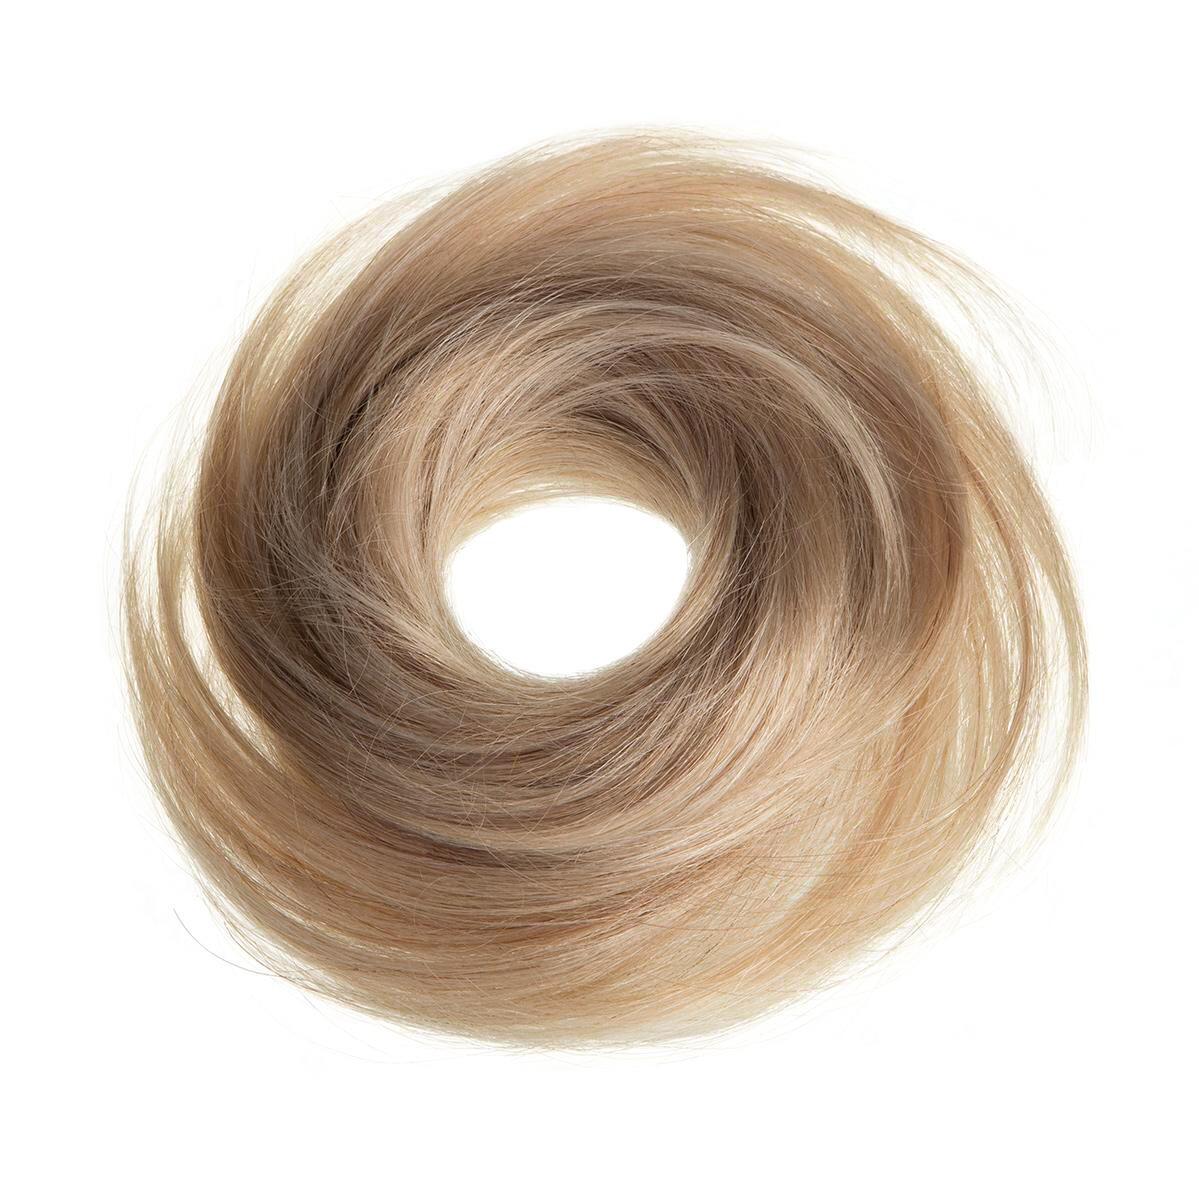 Hair Scrunchie M7.3/10.8 Cendre Ash Blonde Mix 0 cm